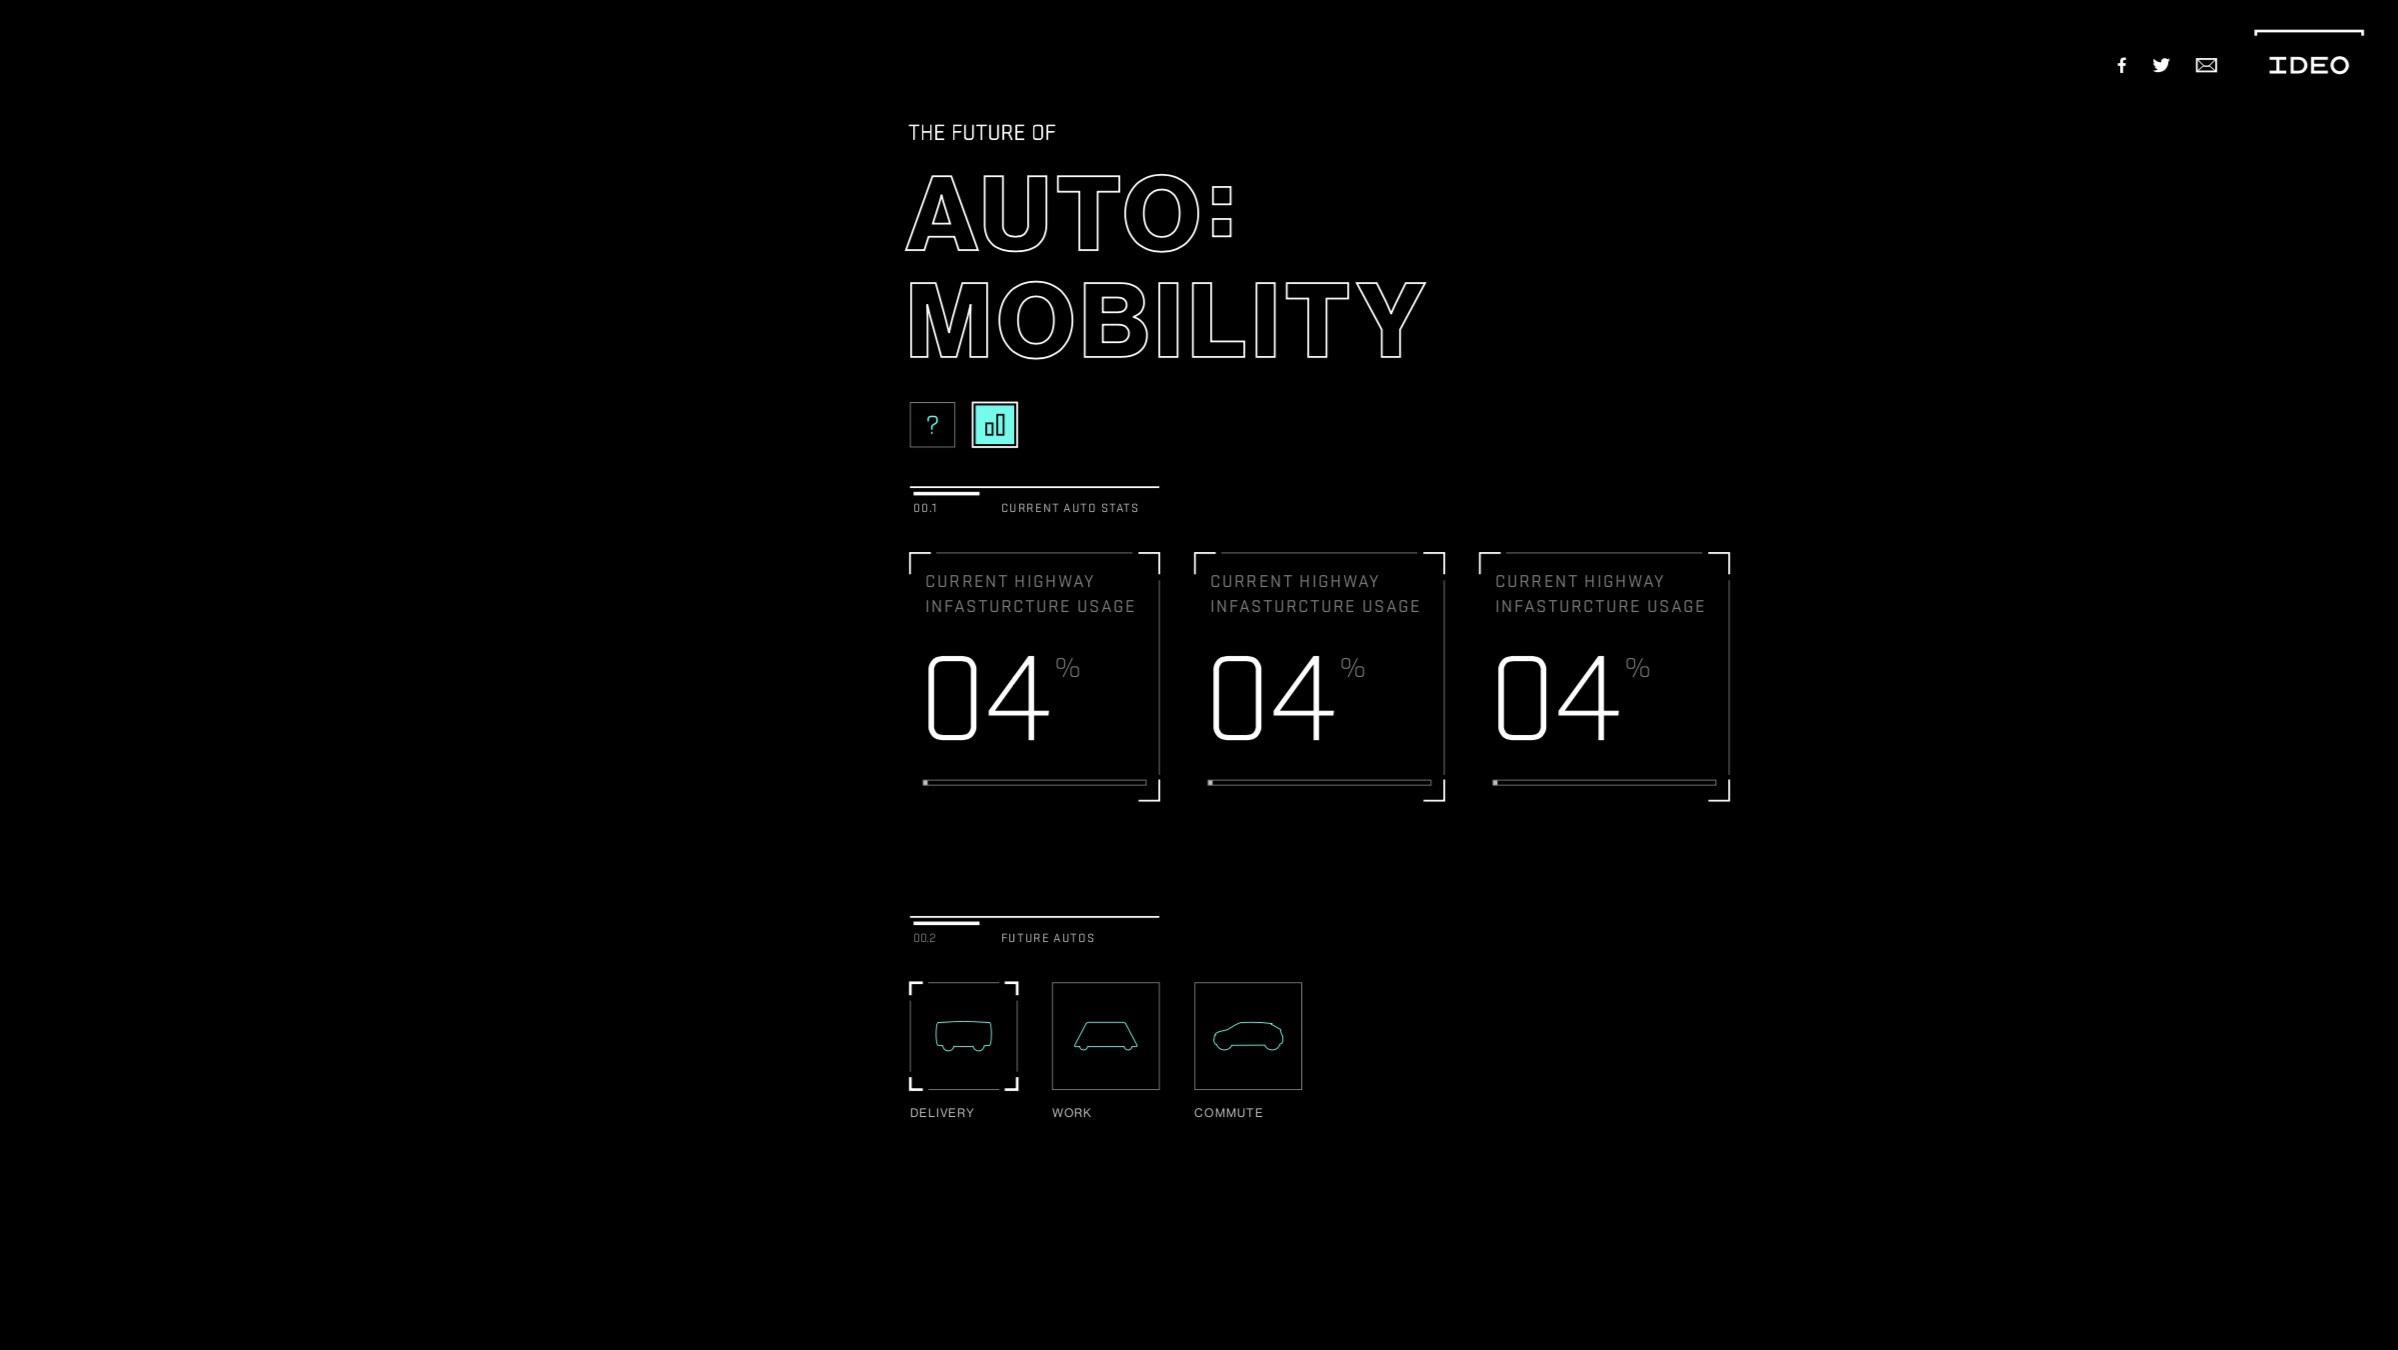 Automobility: Home